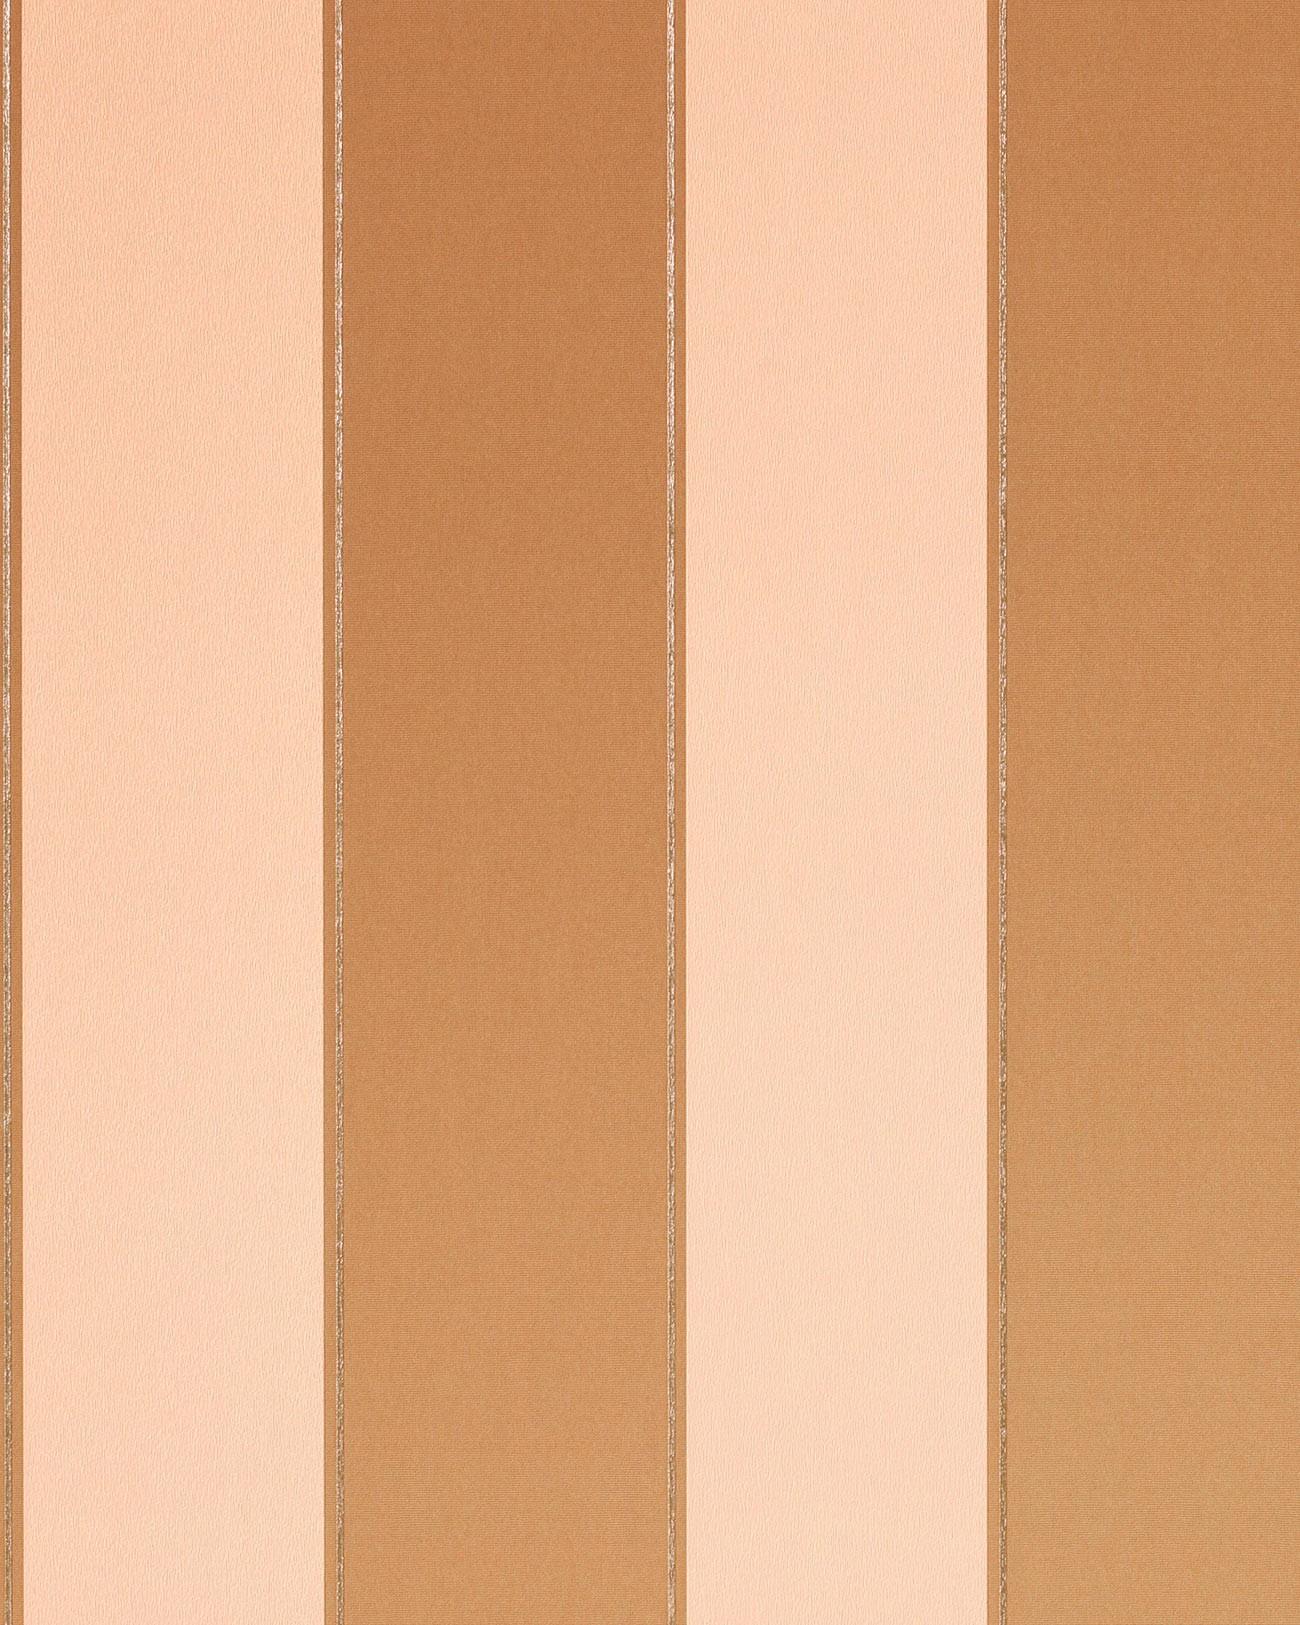 Carta da parati disegno classico EDEM 771-32 a righe colore marrone chiaro caramello beige platino